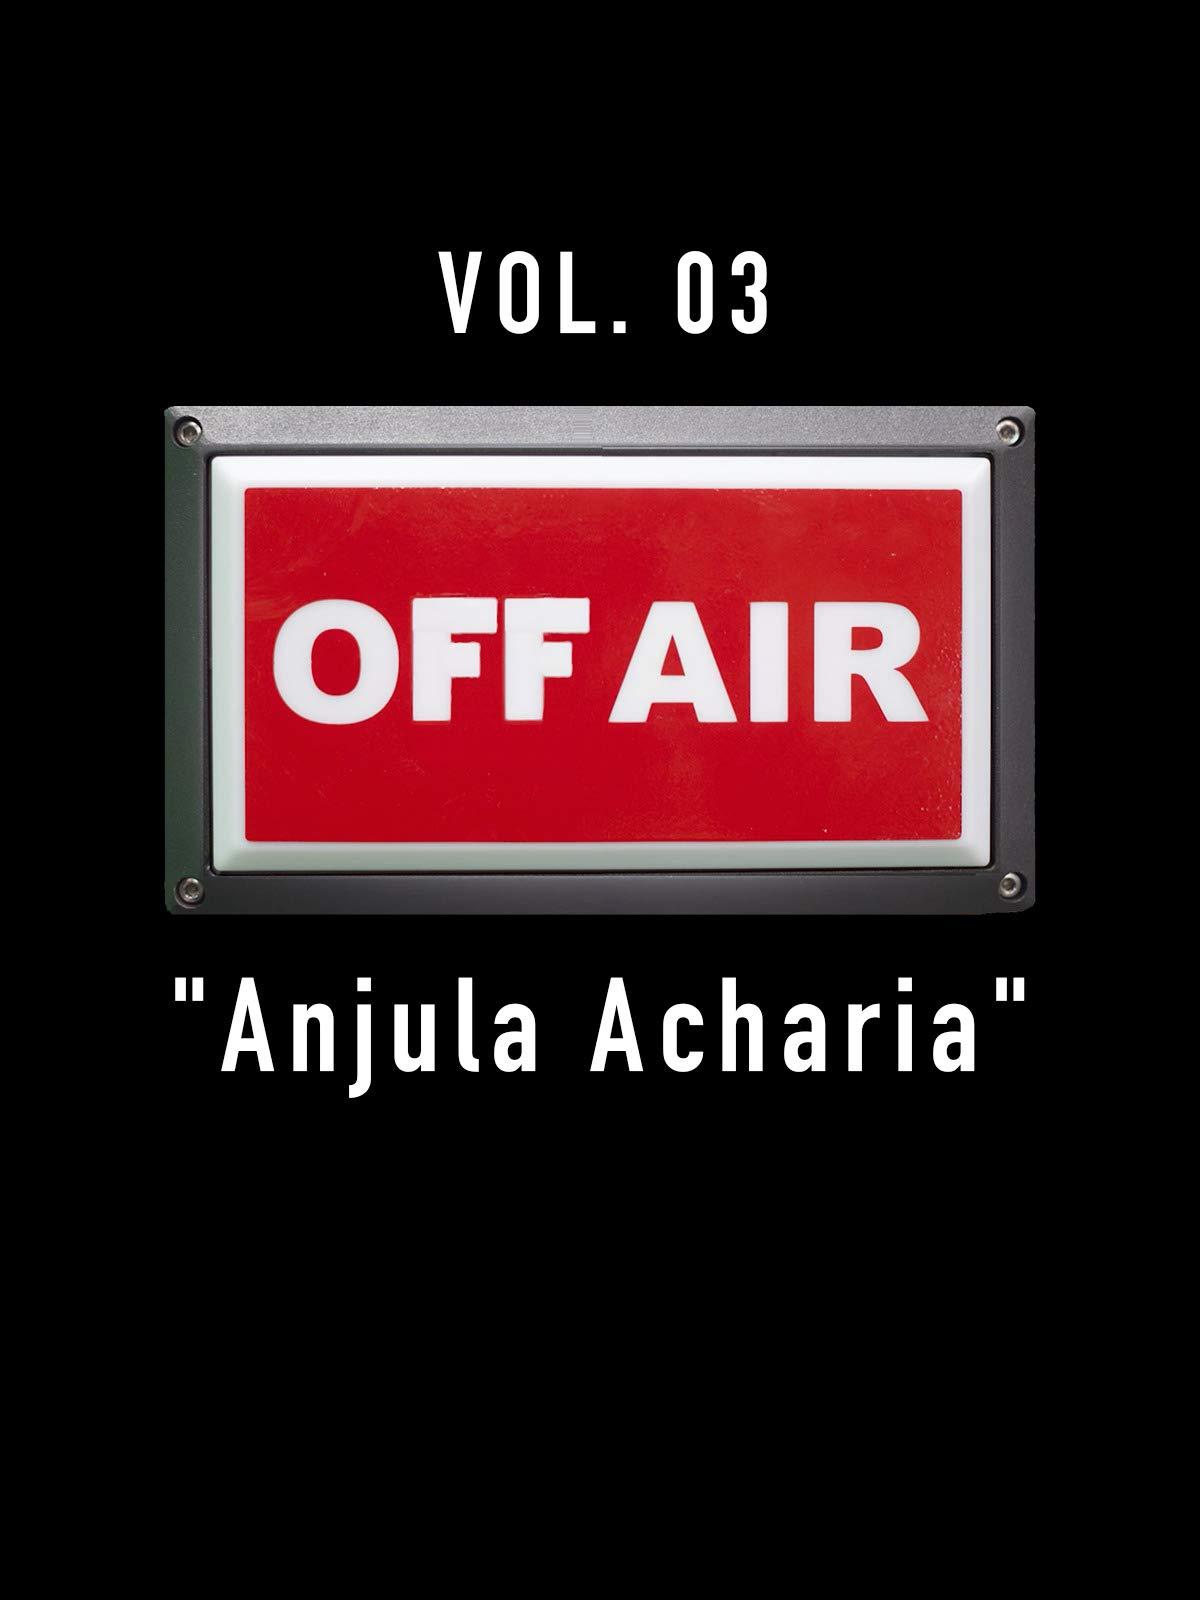 Off-Air Vol. 03